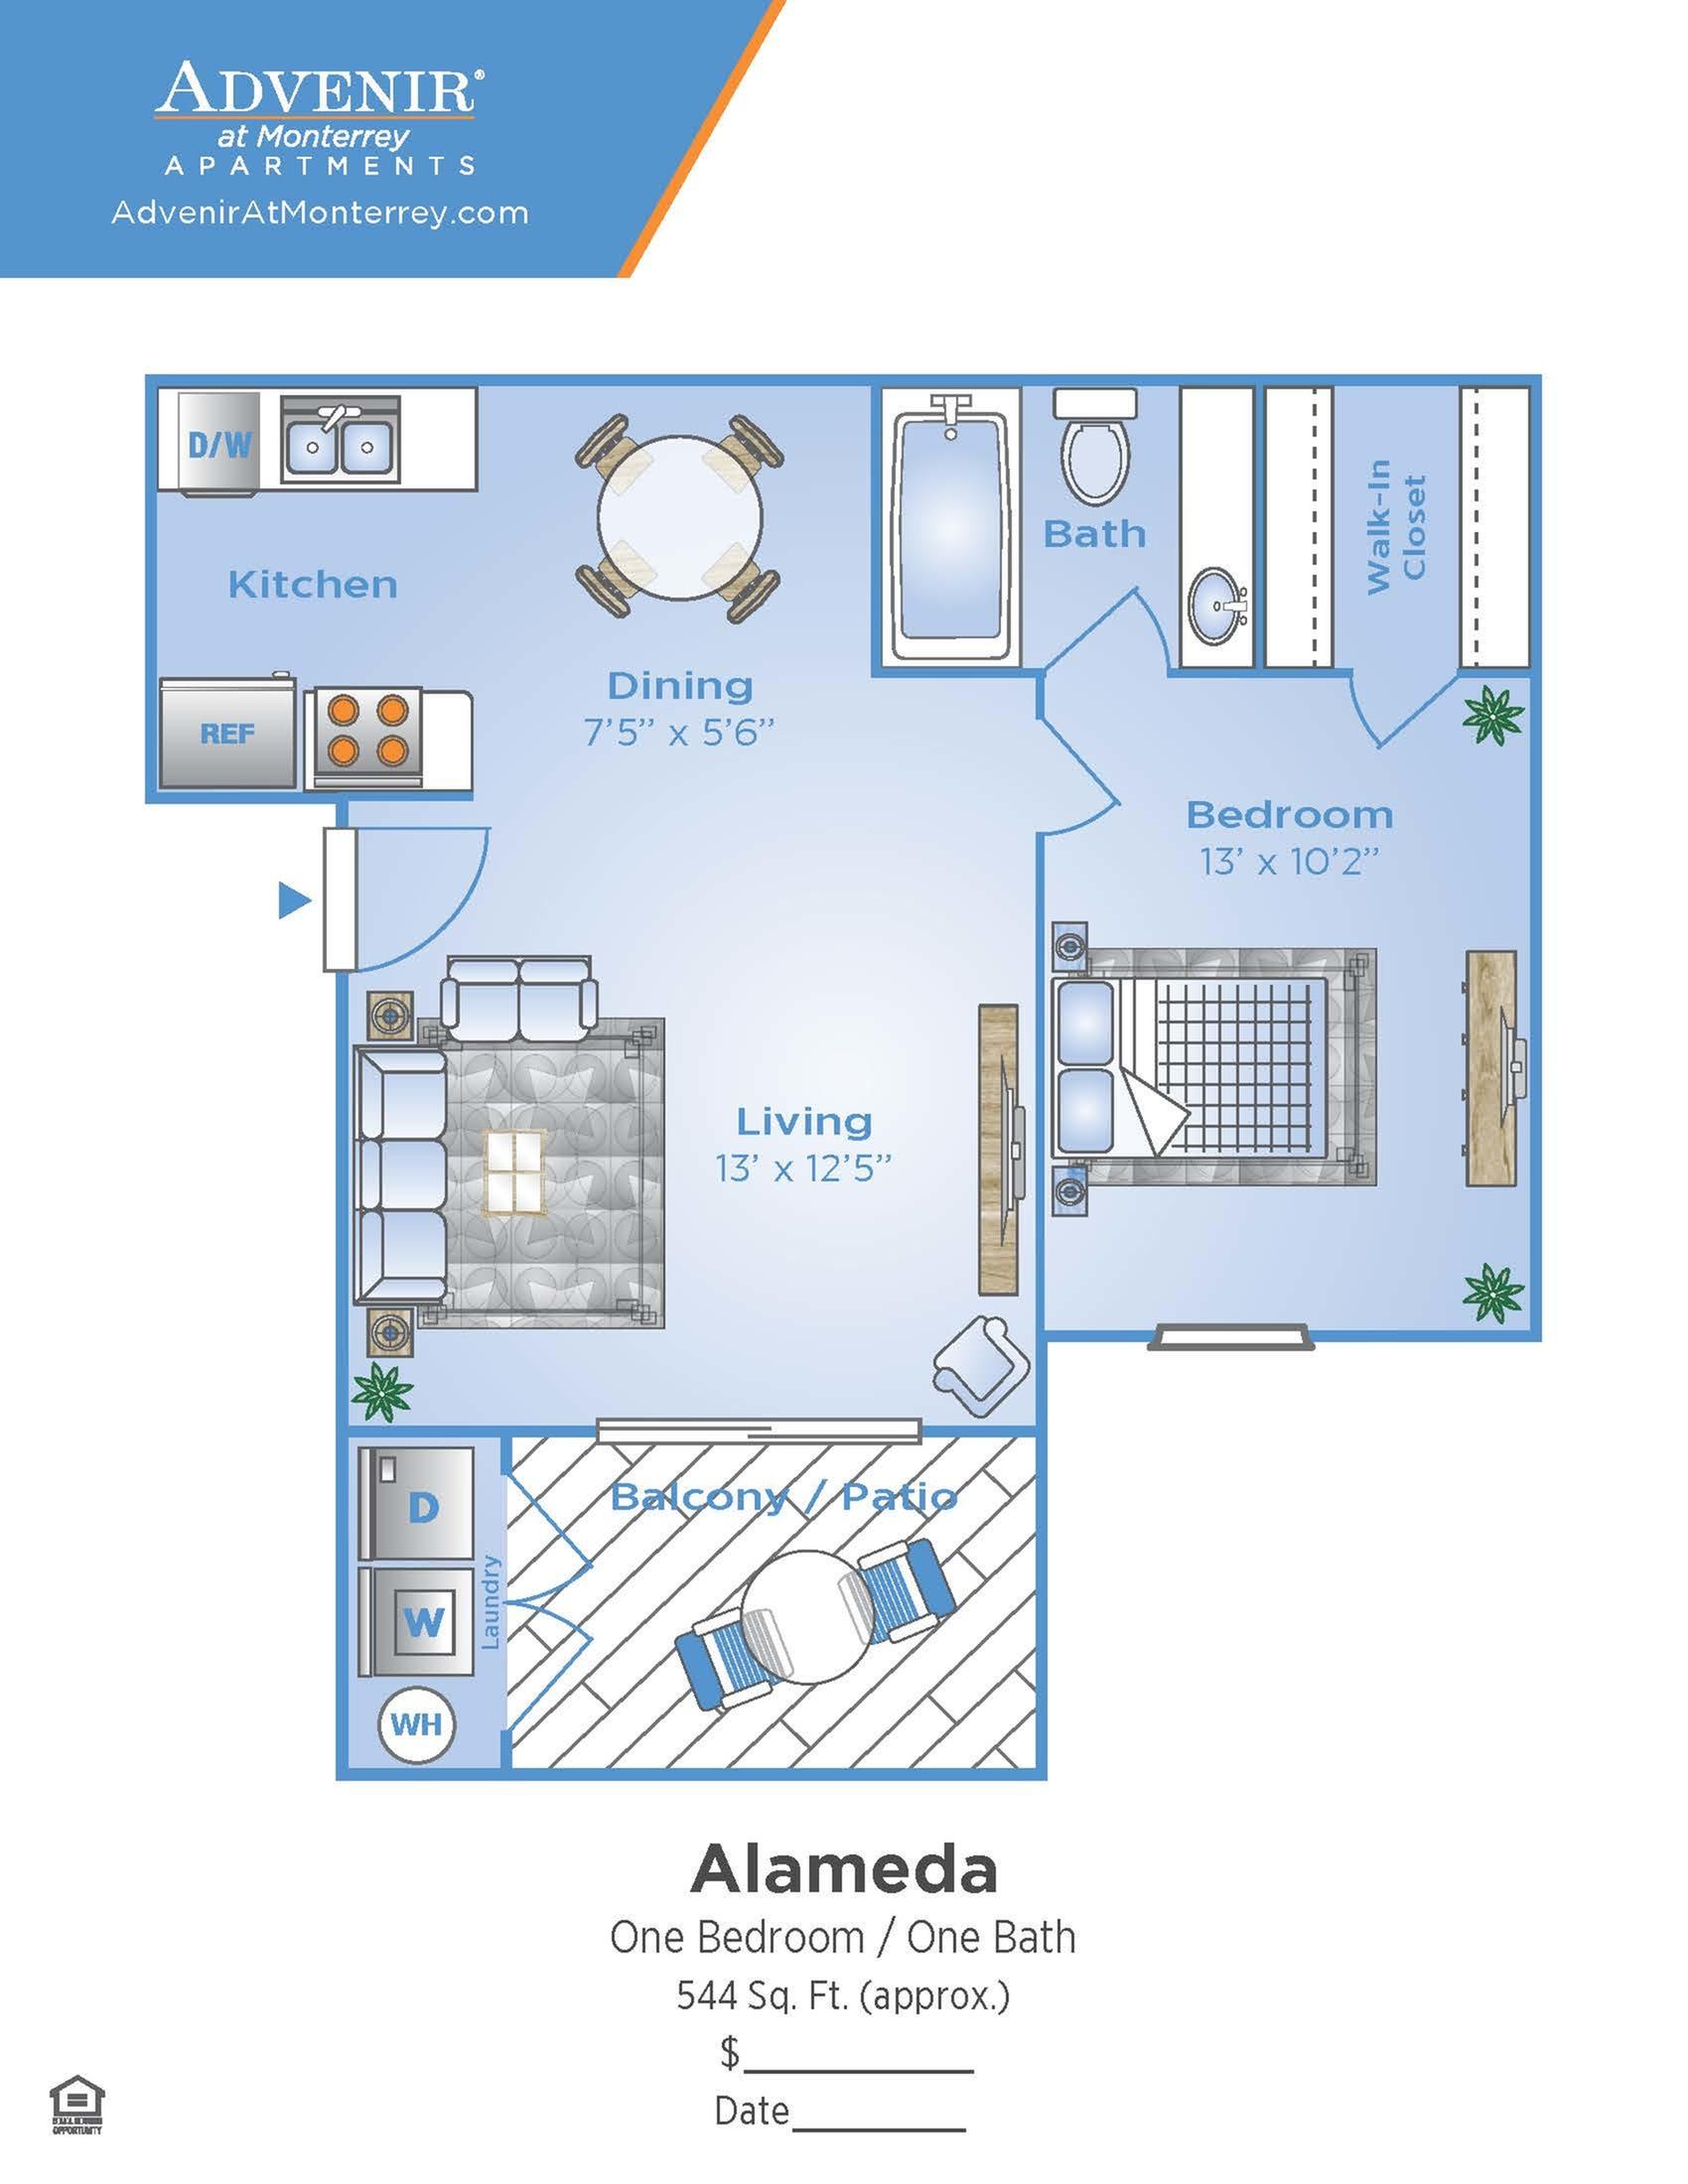 1 Bdrm Floor Plan | Apartments In Venice FL | Advenir at Monterrey